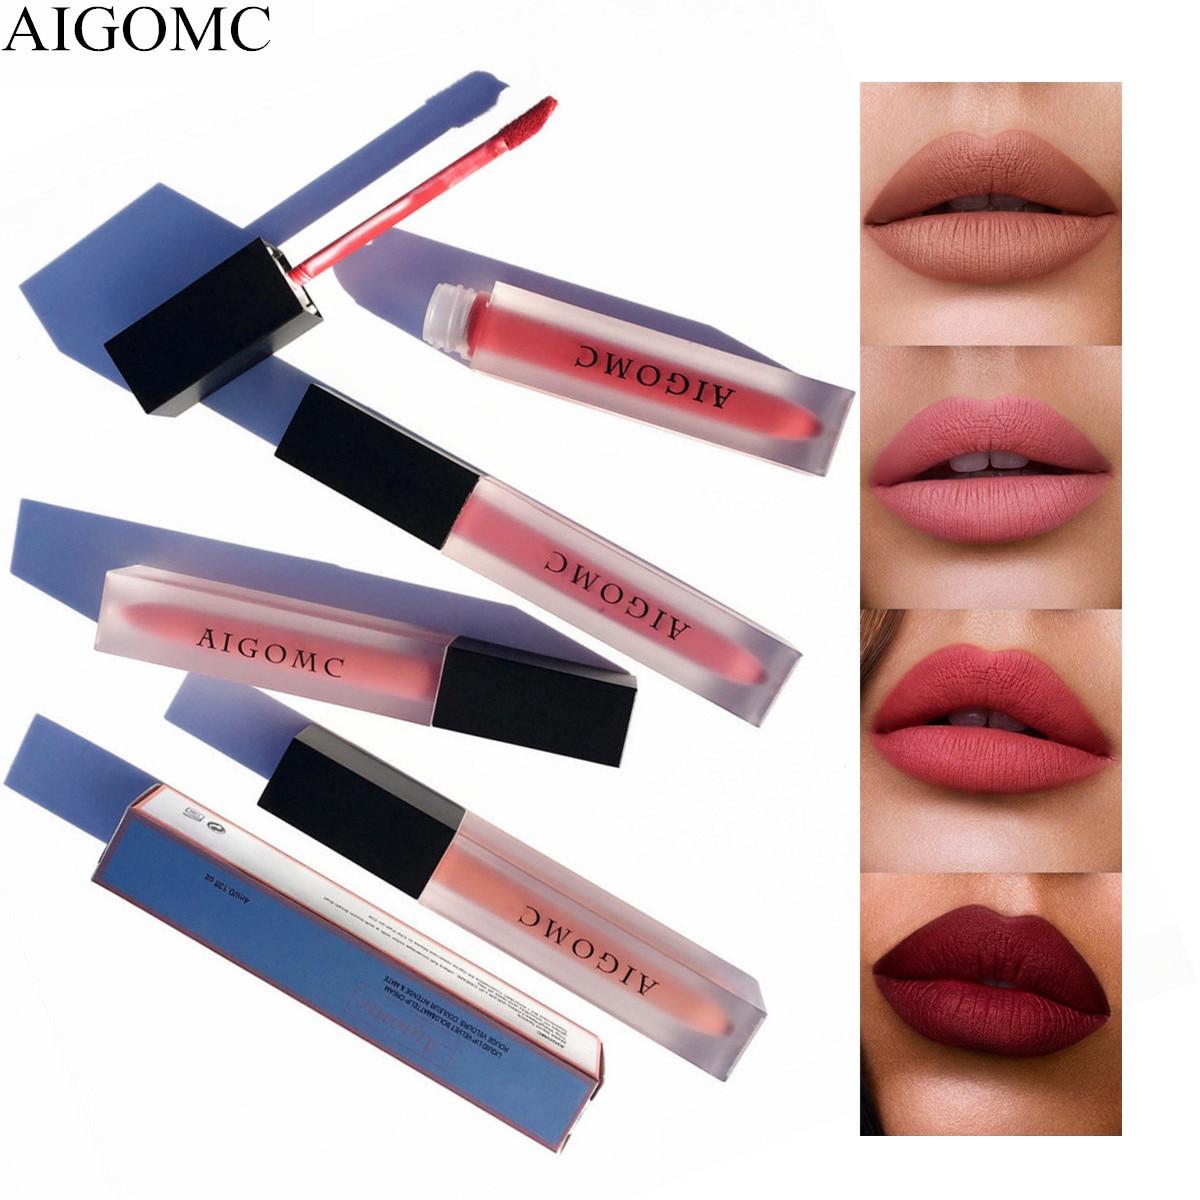 Beauty Glazed Lipstick Nude 6PCS Matte Liquid Lip Gloss